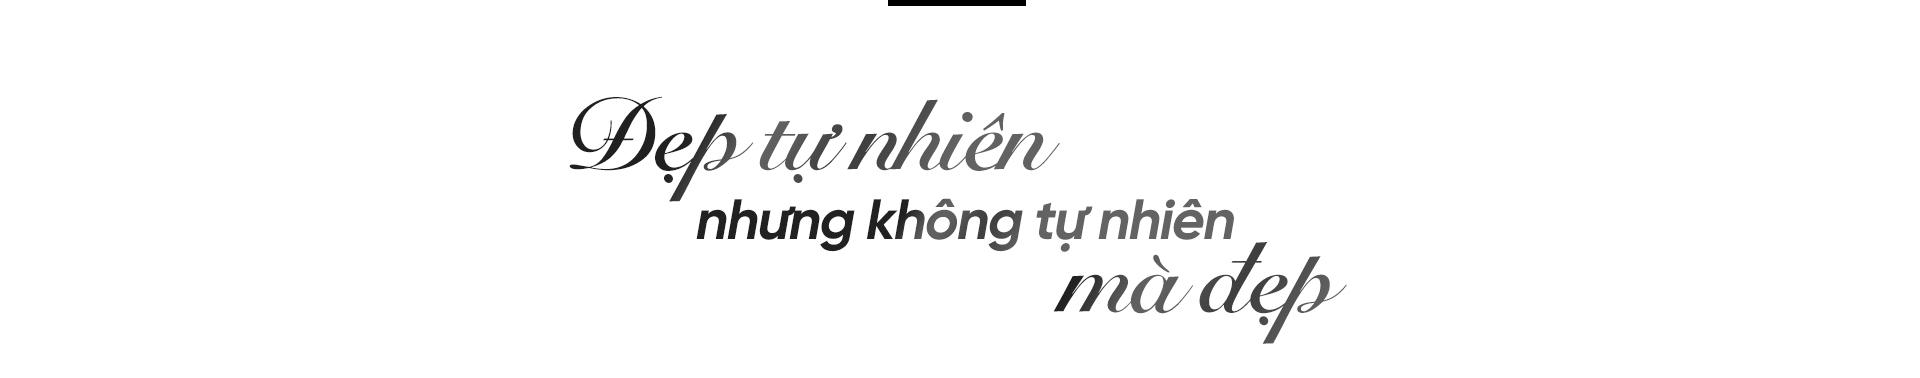 Minh Tú: Không sợ bất cứ điều gì, sẽ thử bất cứ điều gì và không bao giờ bỏ cuộc